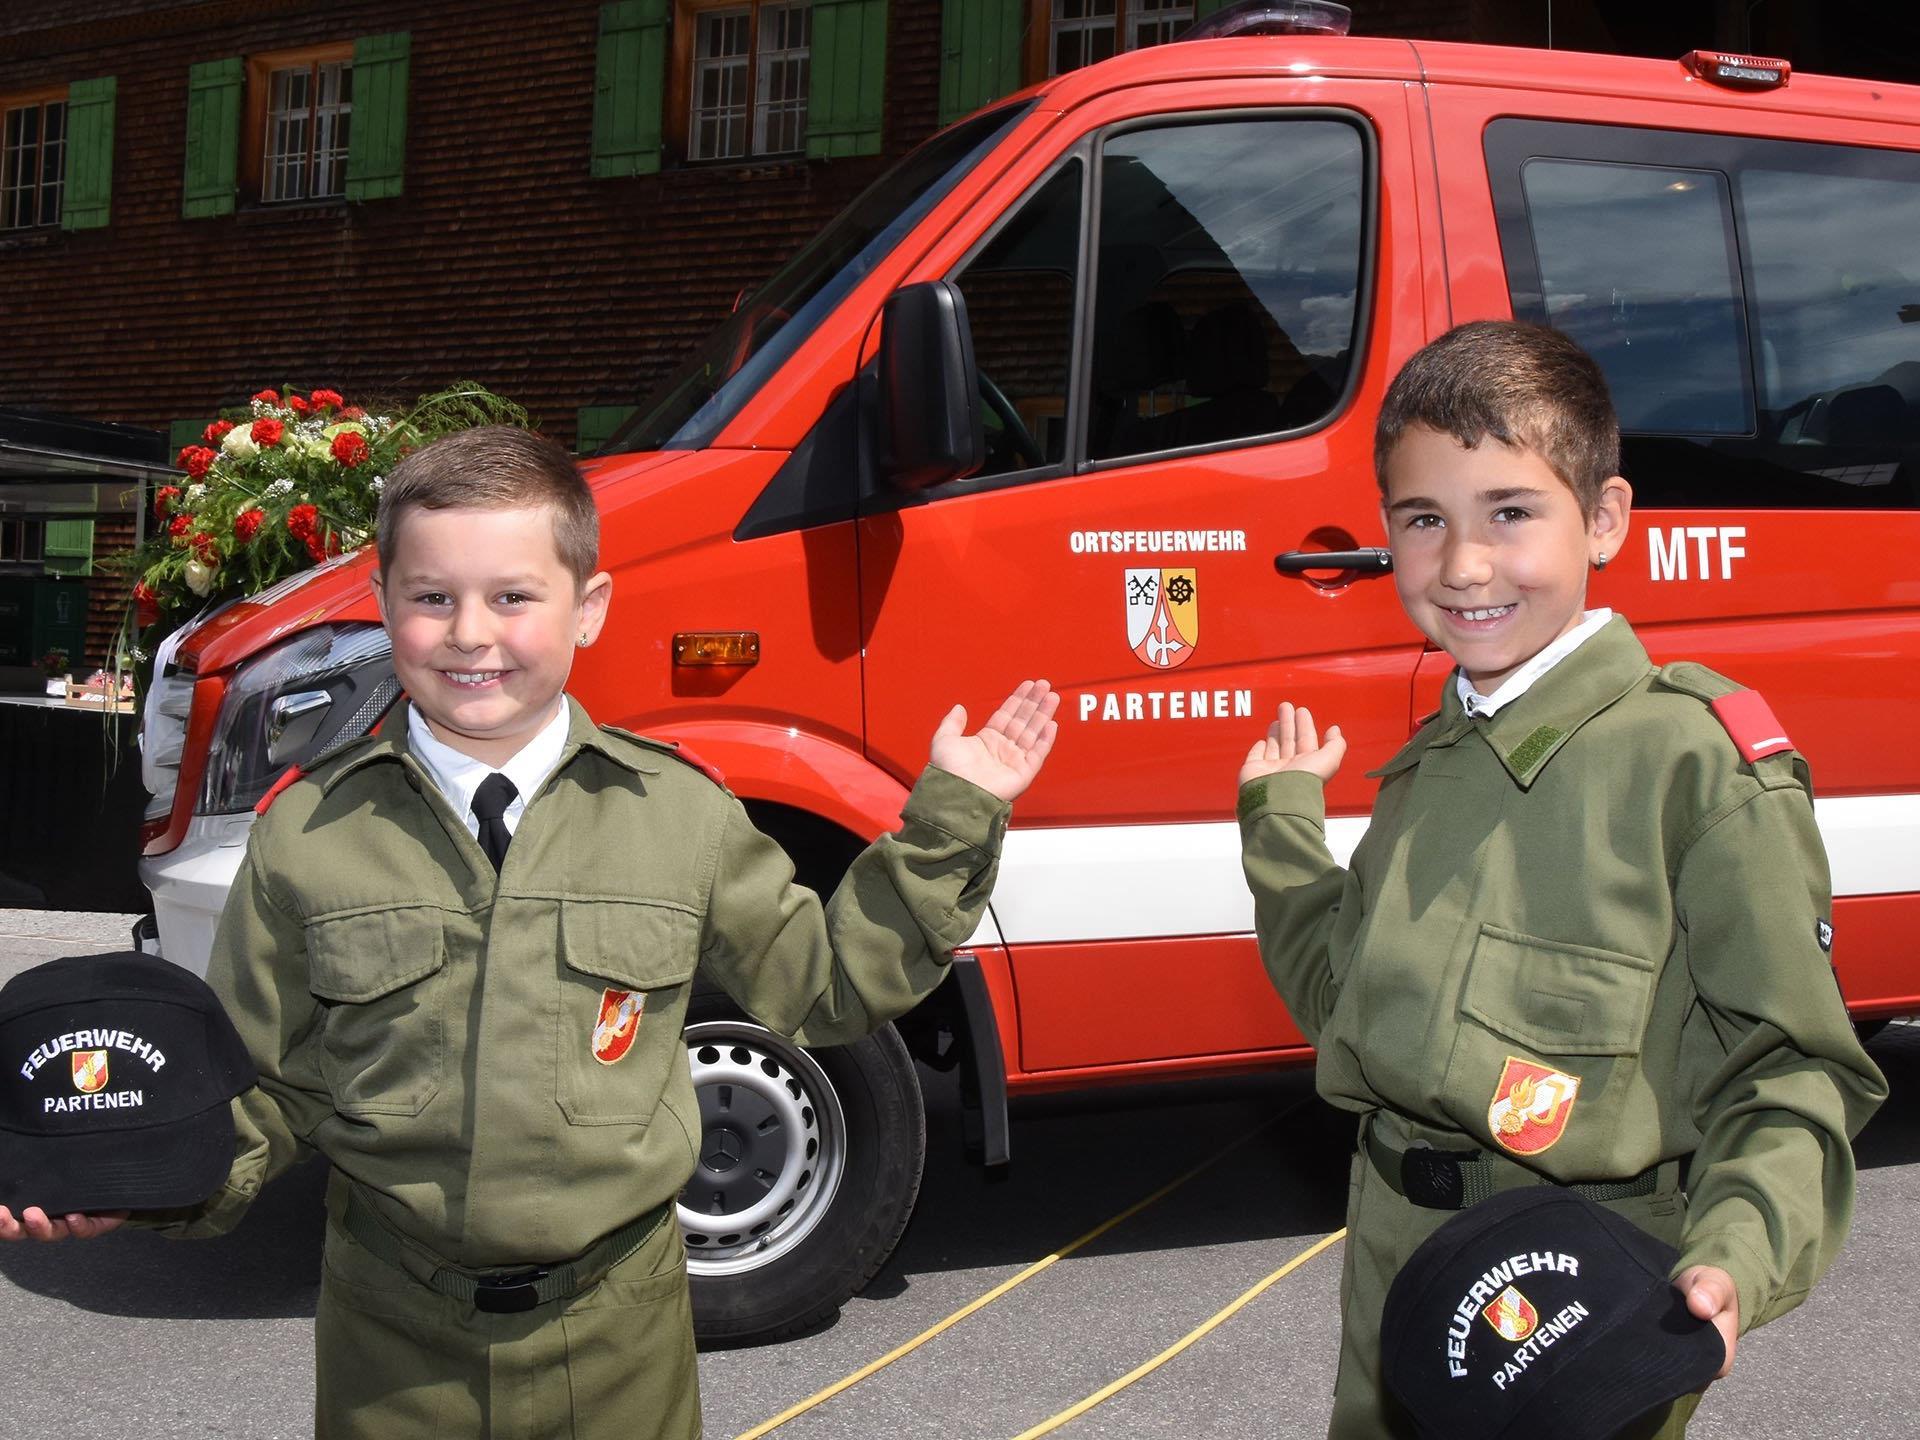 Über die Segnung des neuen Mannschaftstransportfahrzeuges freuten sich auch diese beiden Mitglieder der Partener Feuerwehrjugend.